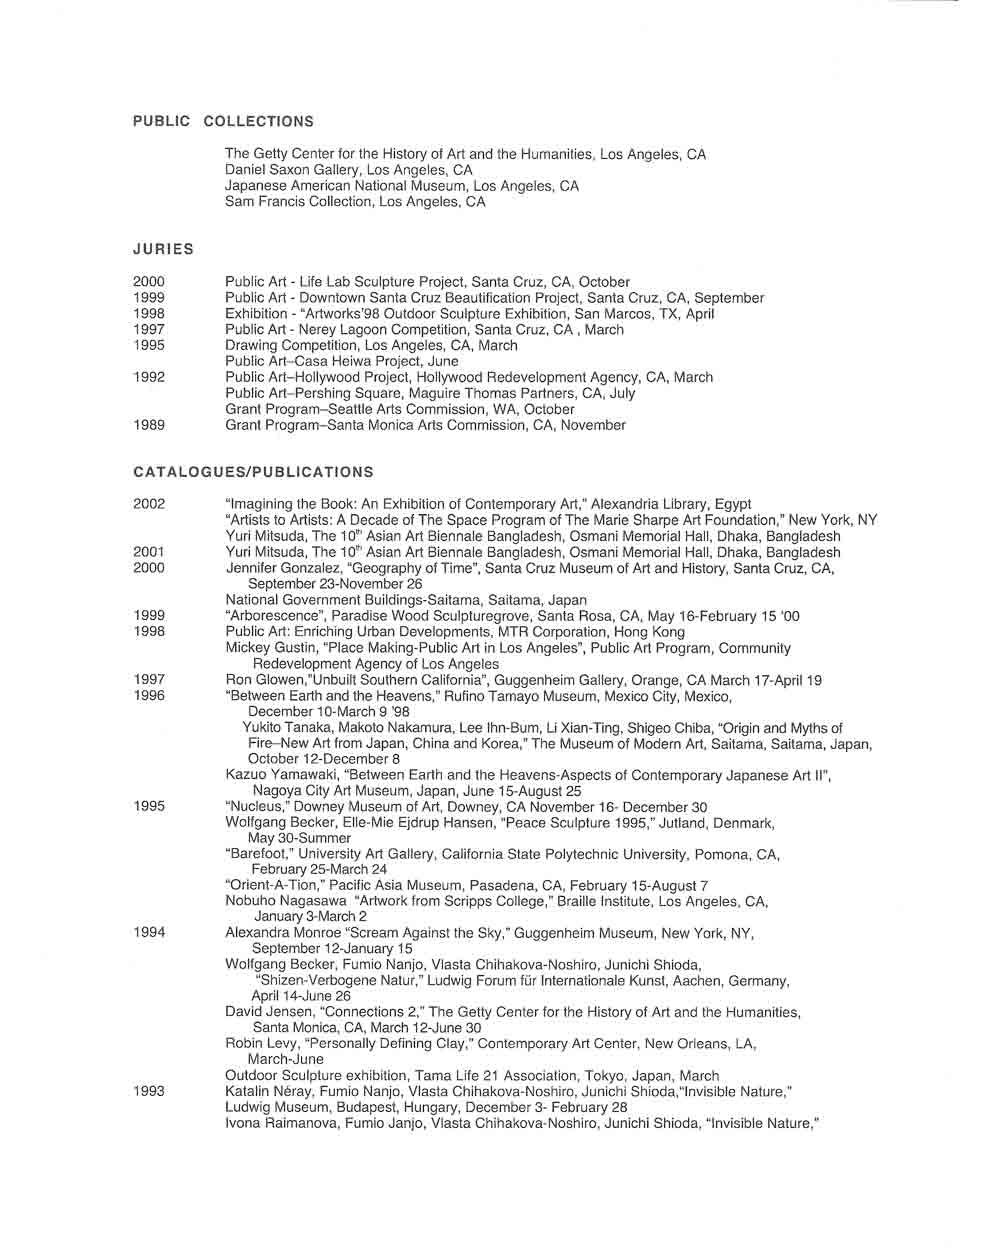 Nobuho Nagasawa's resume, pg 4